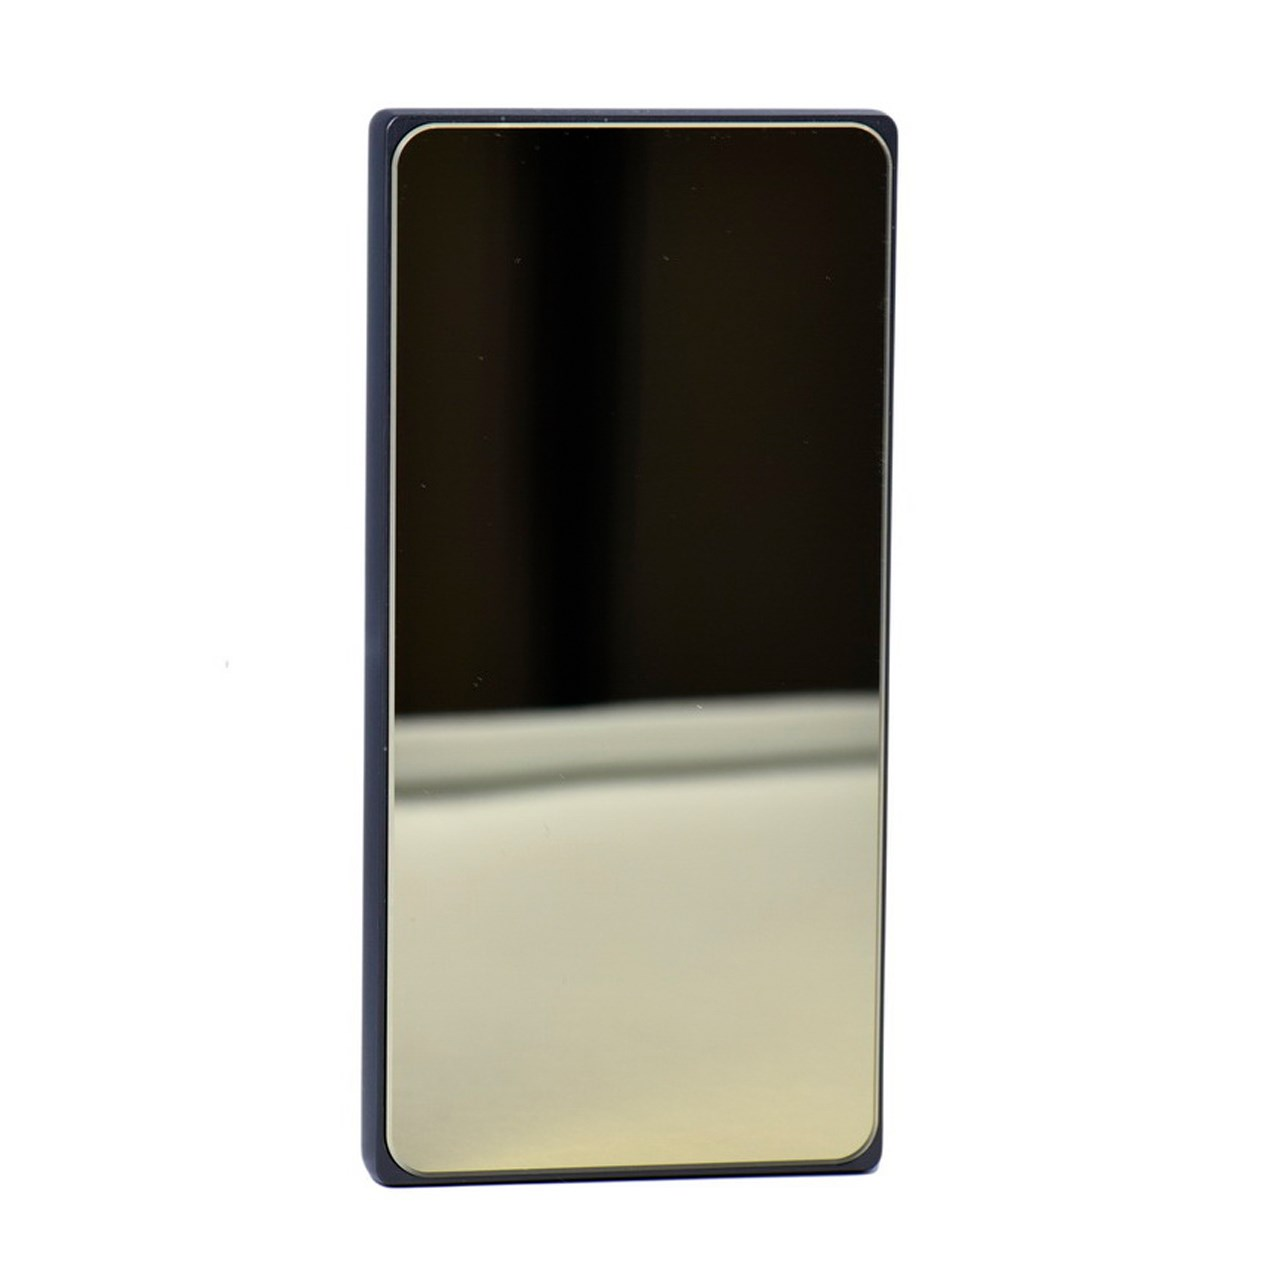 شارژر همراه دبلیو کی مدل WP-005 MIRROR با ظرفیت 10000 میلی آمپر